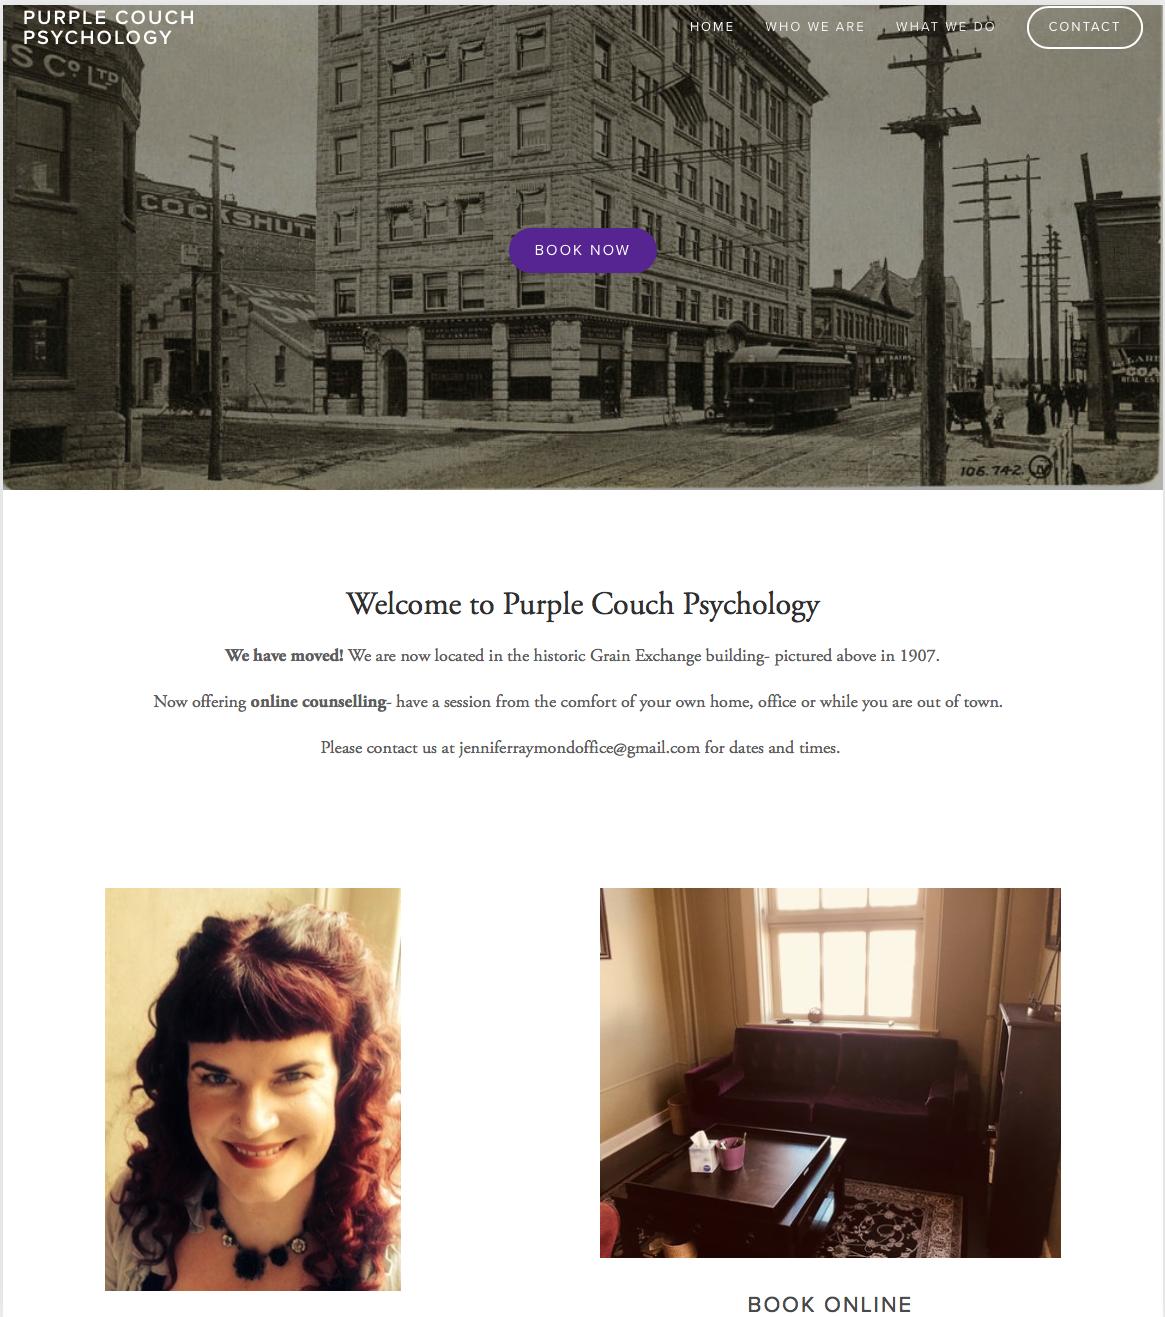 website 14 - computer.png